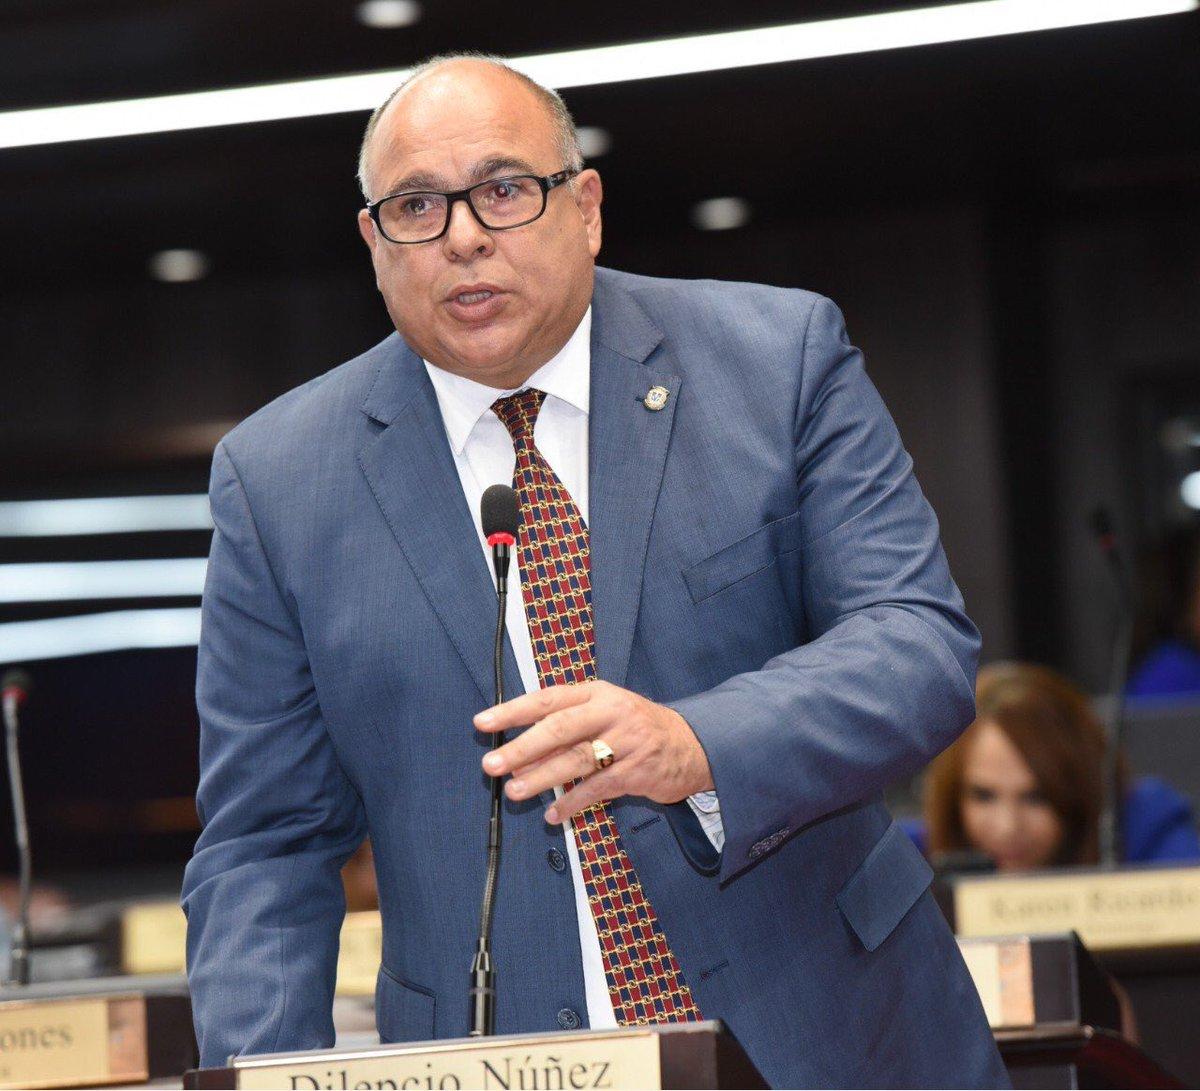 """Dilepcio Núñez on Twitter: """"Hoy en la Cámara de Diputados mientras nos  referíamos al proyecto de desafectación, donde pedimos que el mismo vuelva  a comisión para debatir detalles que aún no han"""